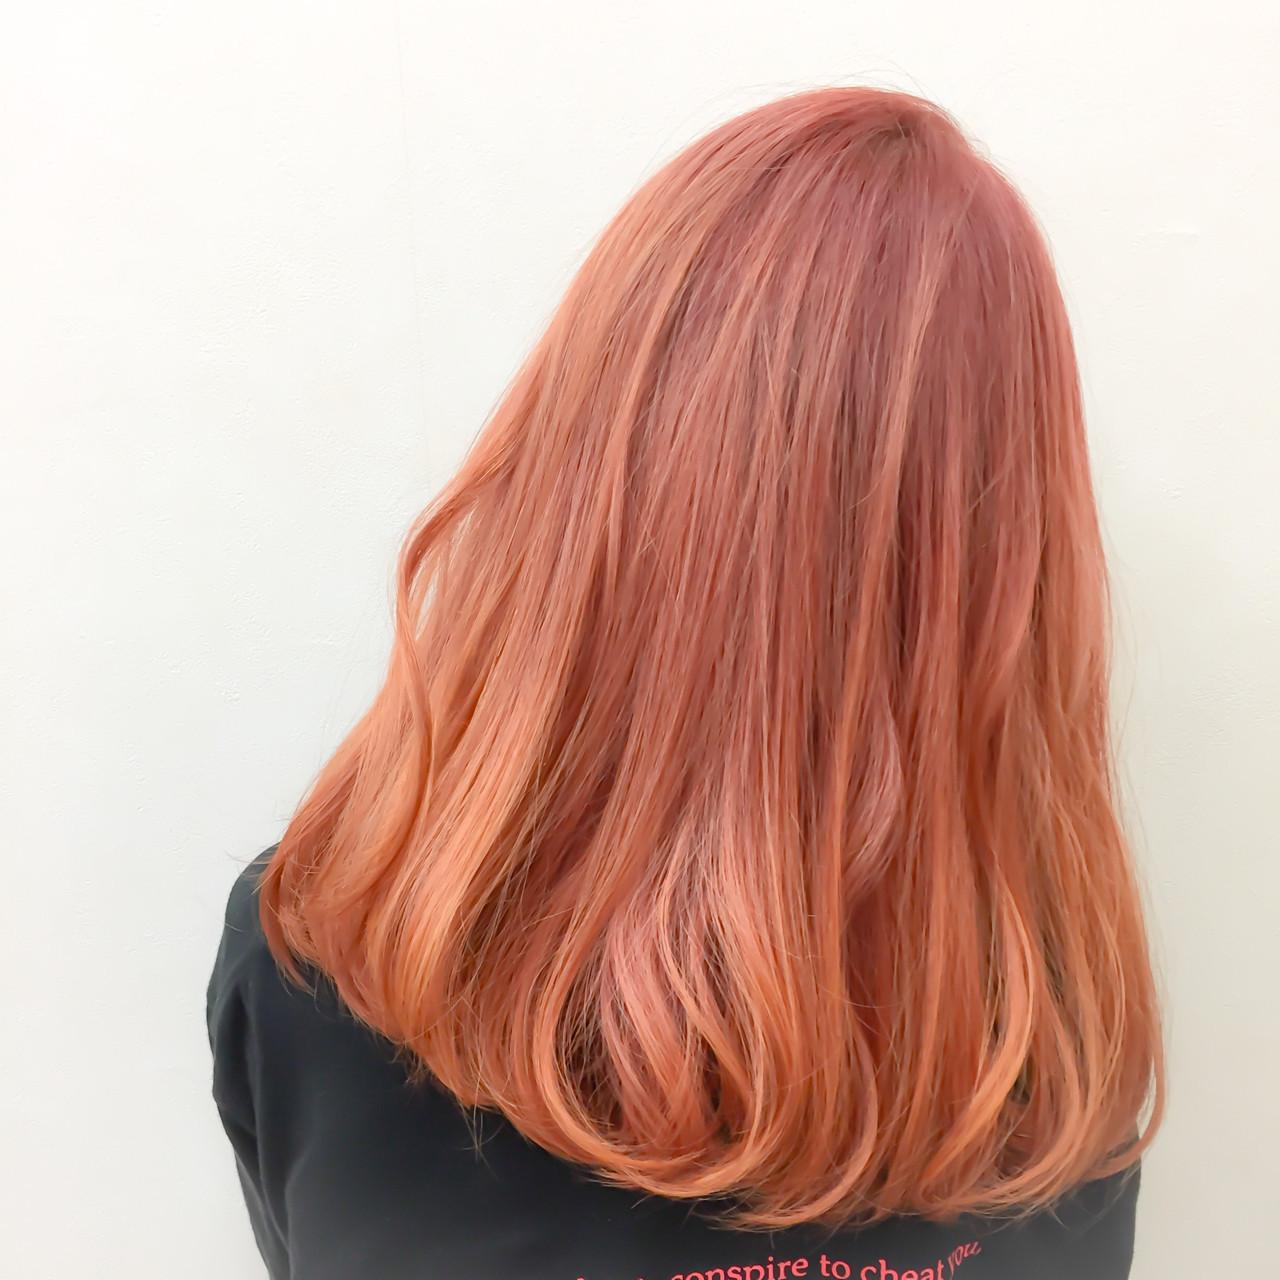 こなれた透け感のある髪色のポイントはブリーチ! Katsuhito Emori